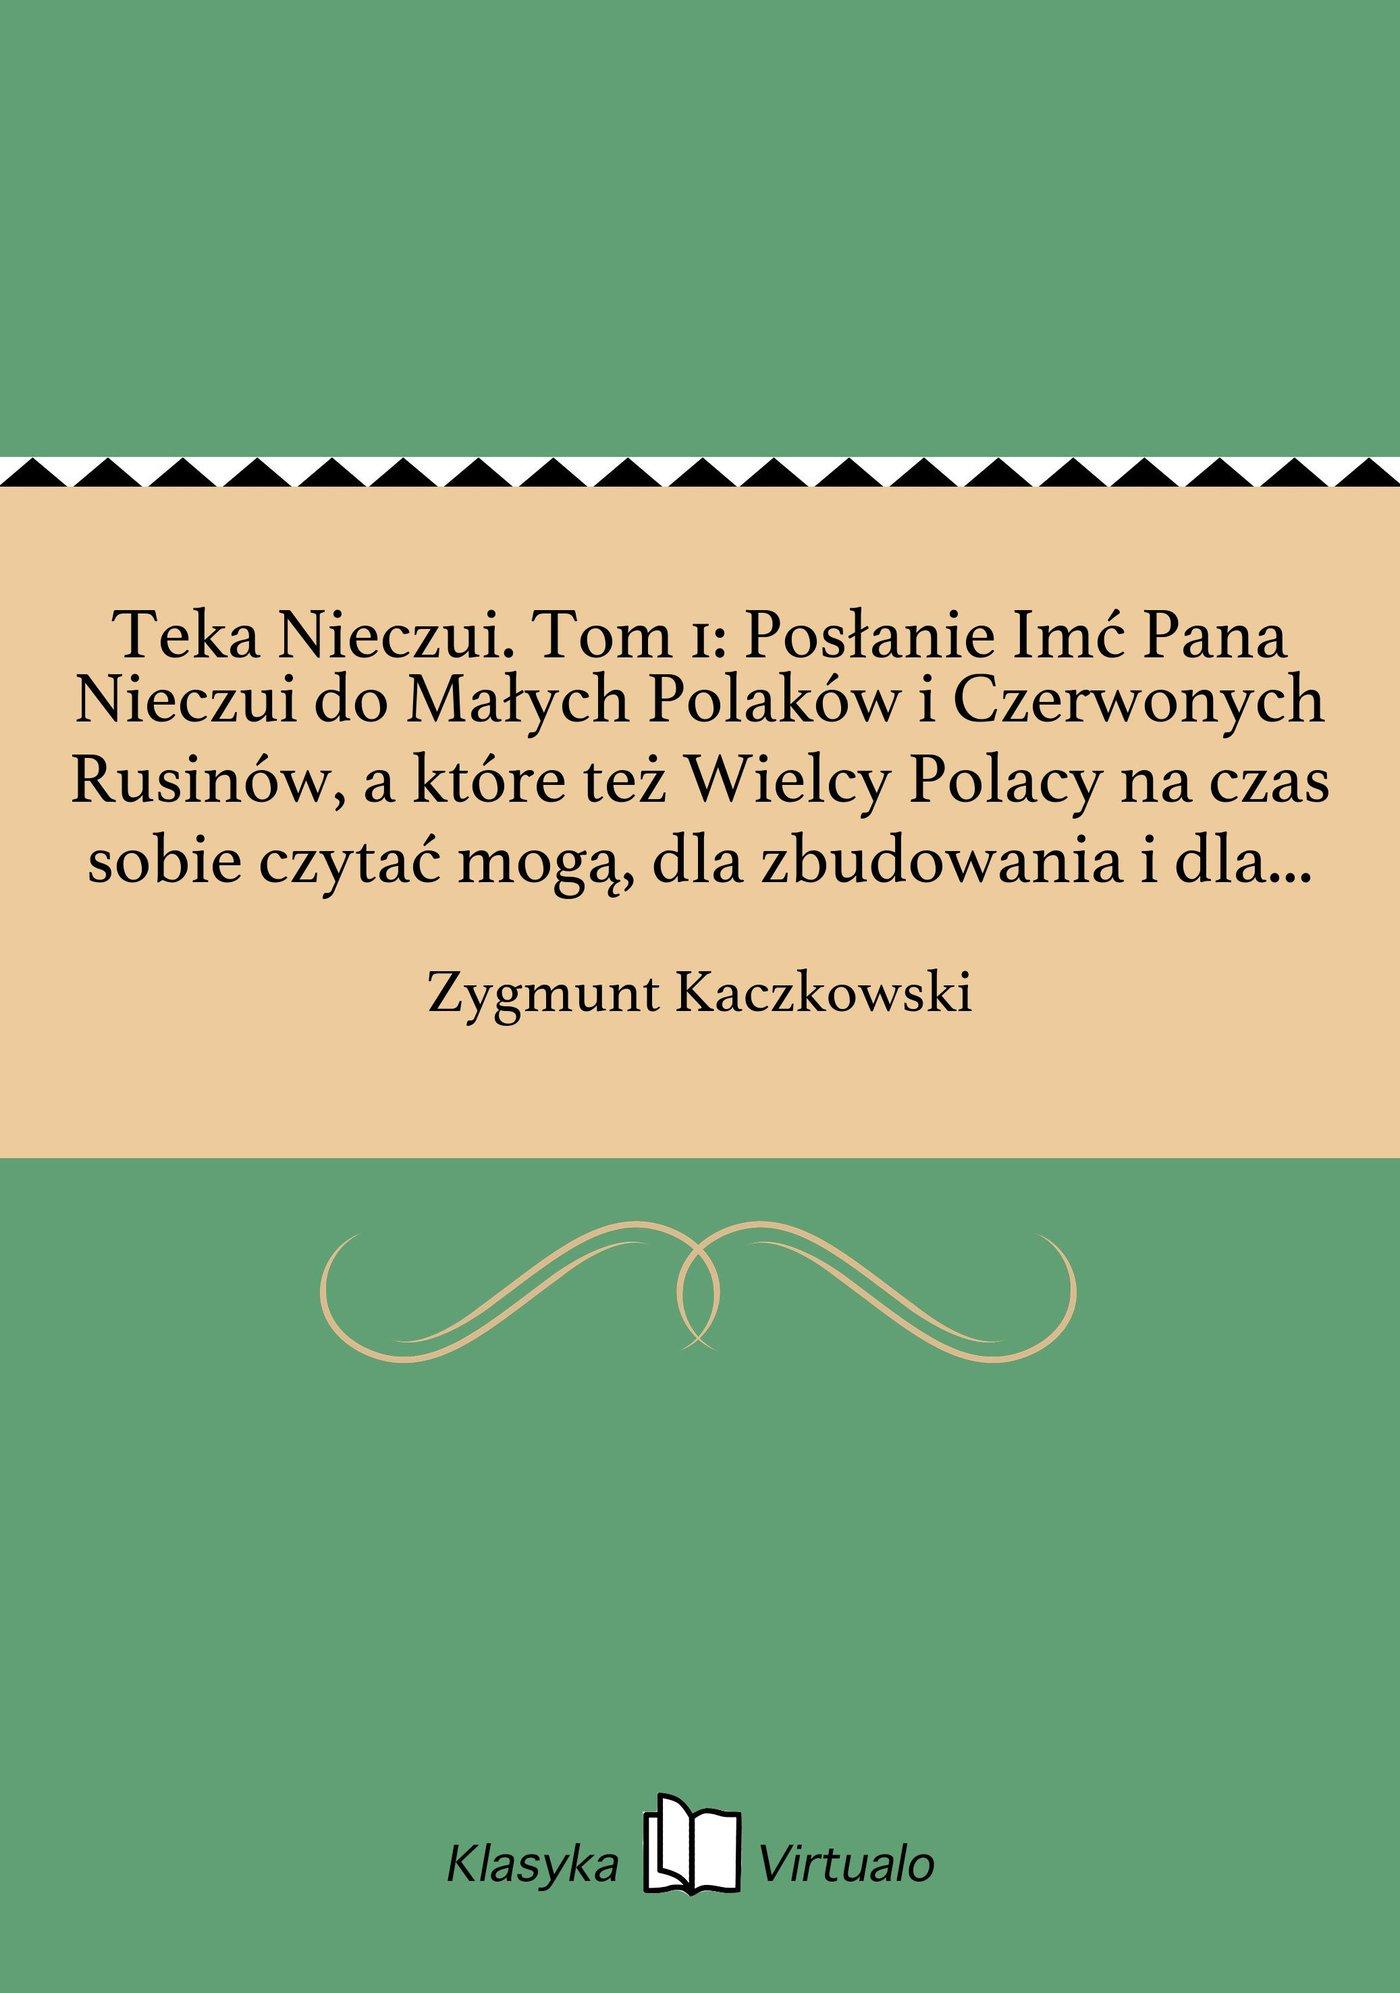 Teka Nieczui. Tom 1: Posłanie Imć Pana Nieczui do Małych Polaków i Czerwonych Rusinów, a które też Wielcy Polacy na czas sobie czytać mogą, dla zbudowania i dla krotochwili. - Ebook (Książka EPUB) do pobrania w formacie EPUB